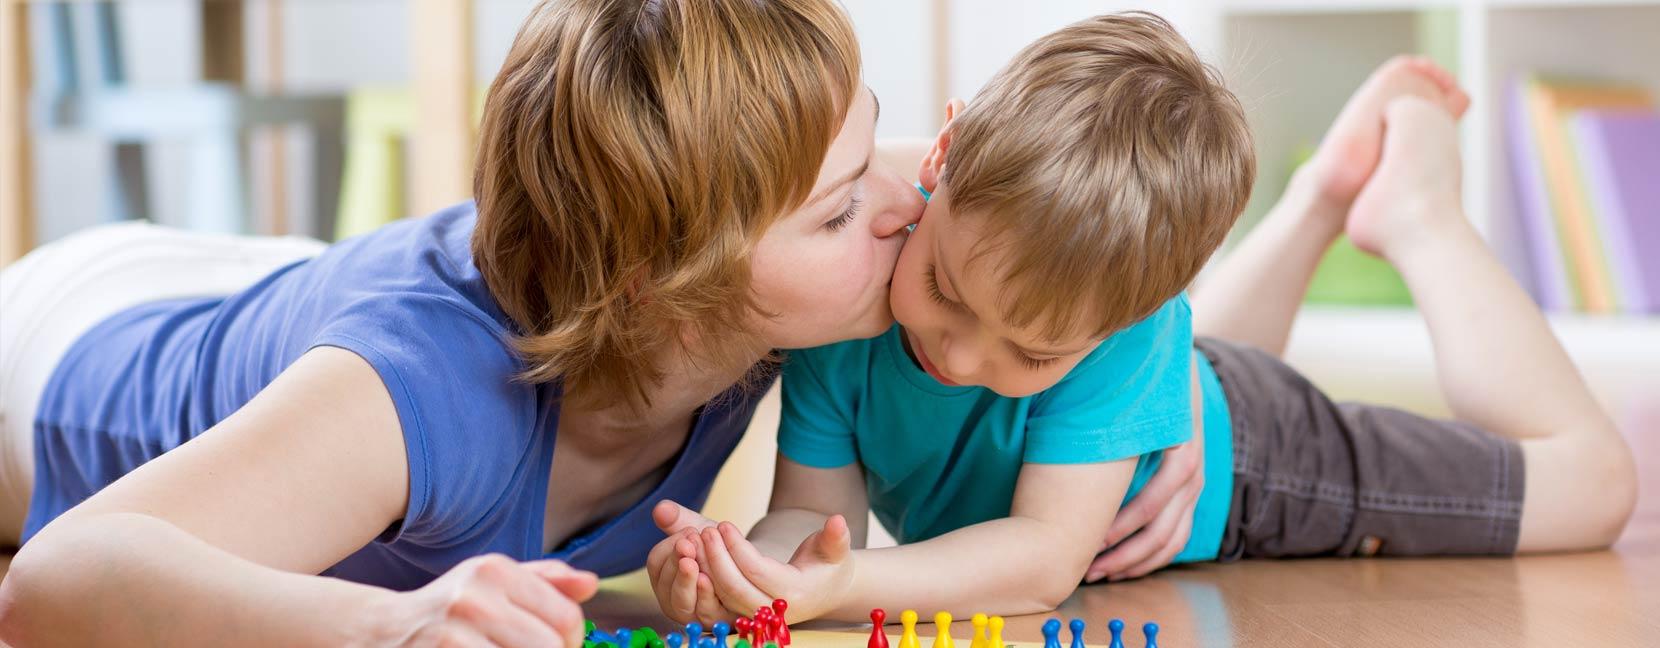 Mamma da un bacio al suo bimbo che ha un espressione rattristata